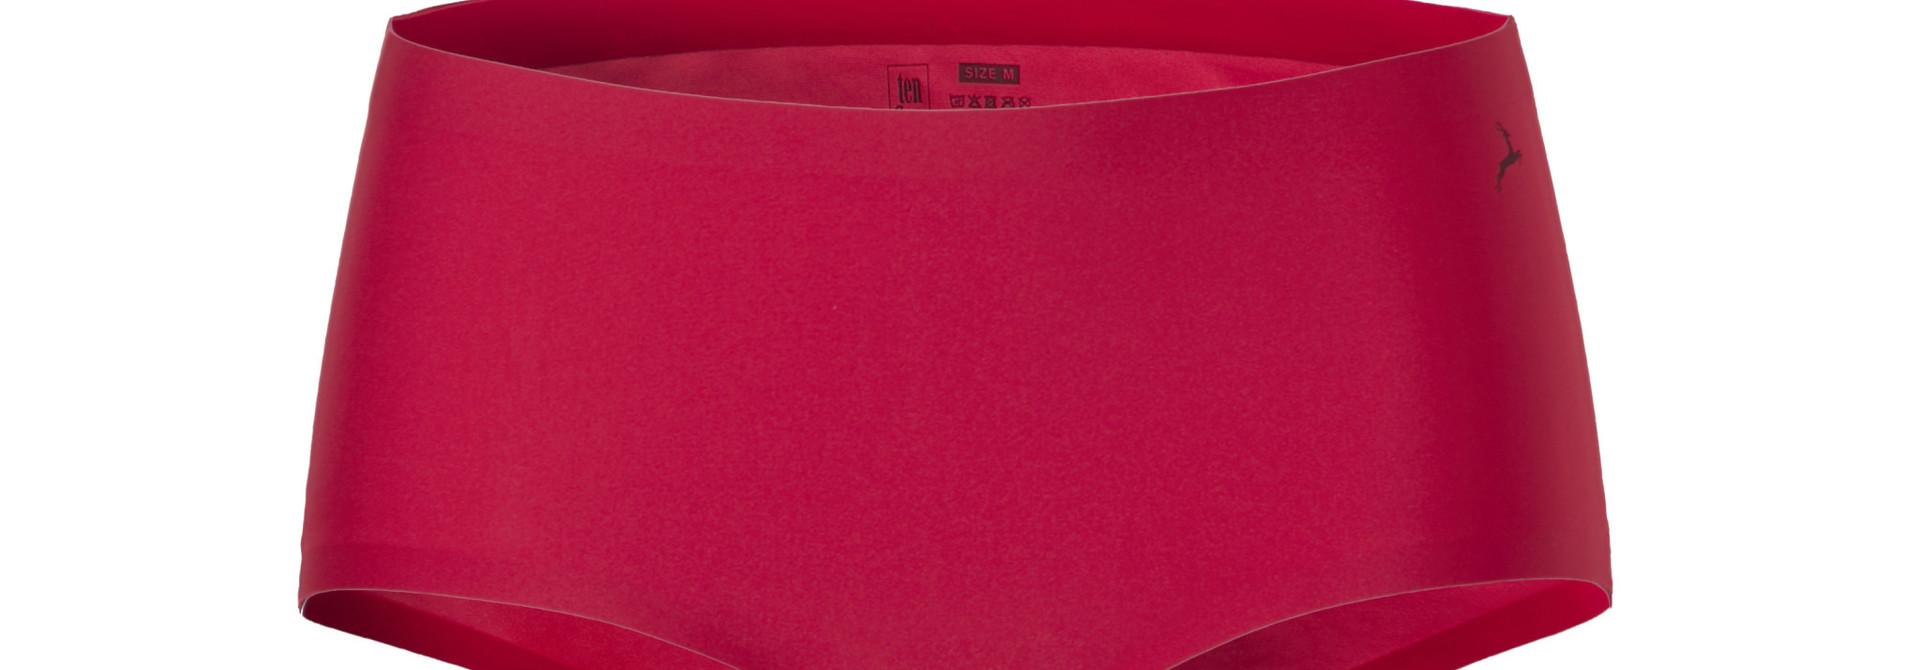 Midi Secrets 30177 - rood